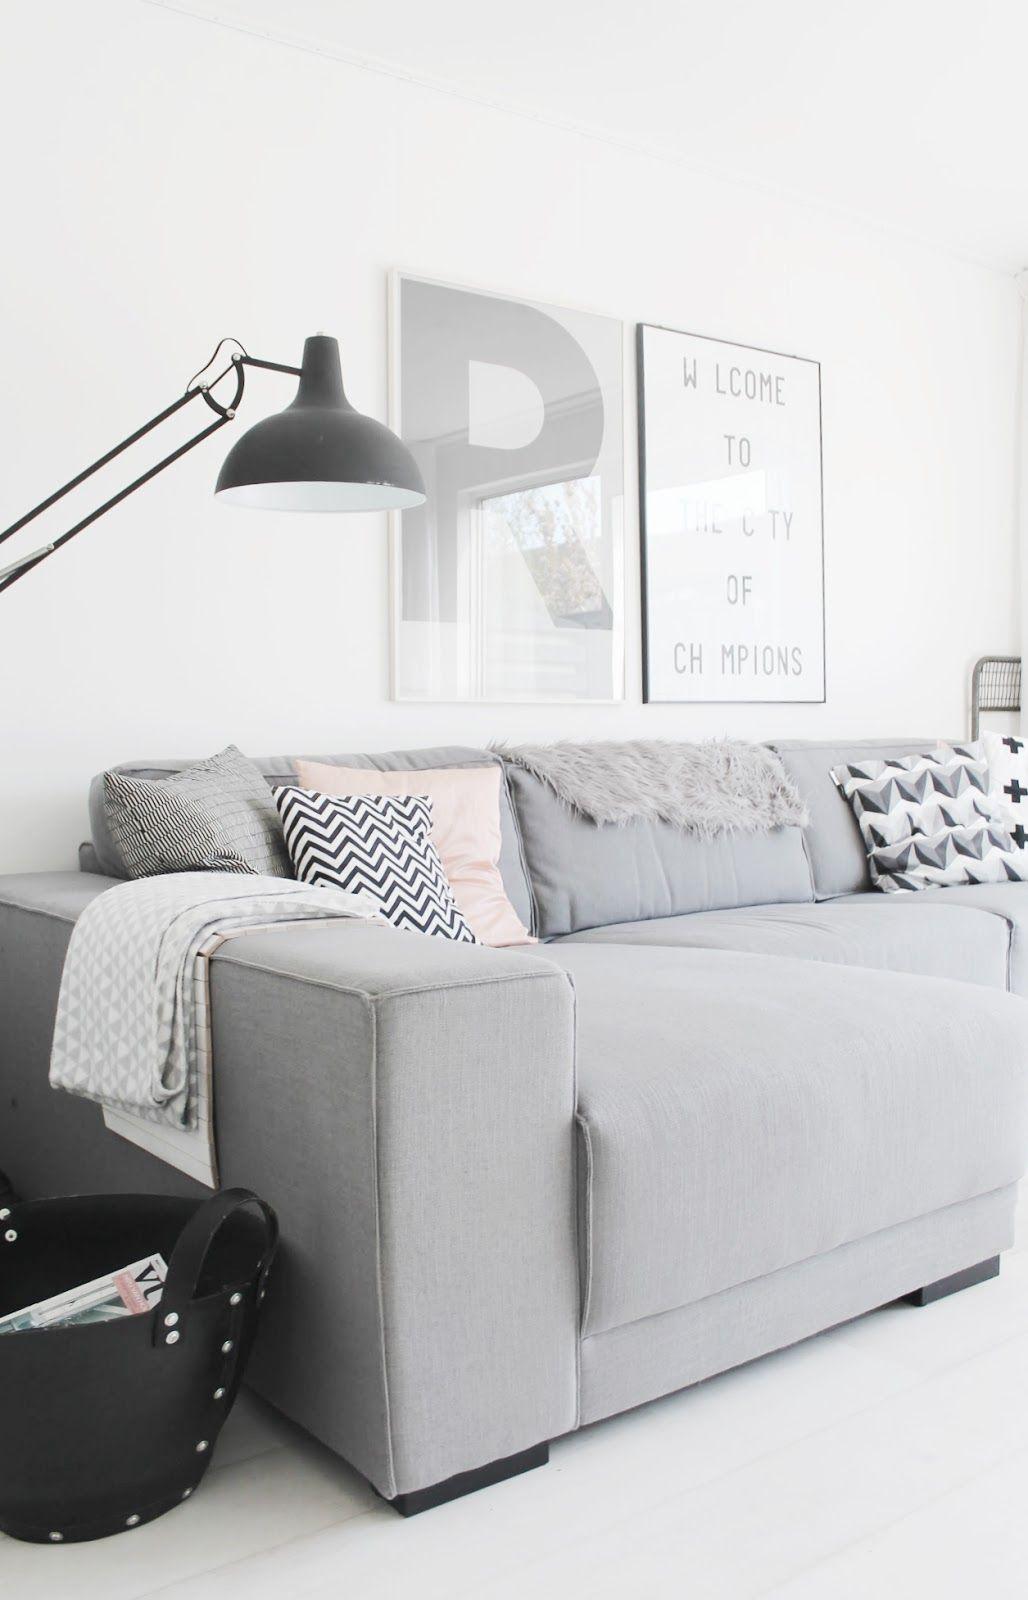 Woonkamer inspiratie | Lichte woonkamer in wit, grijs en zwart met ...